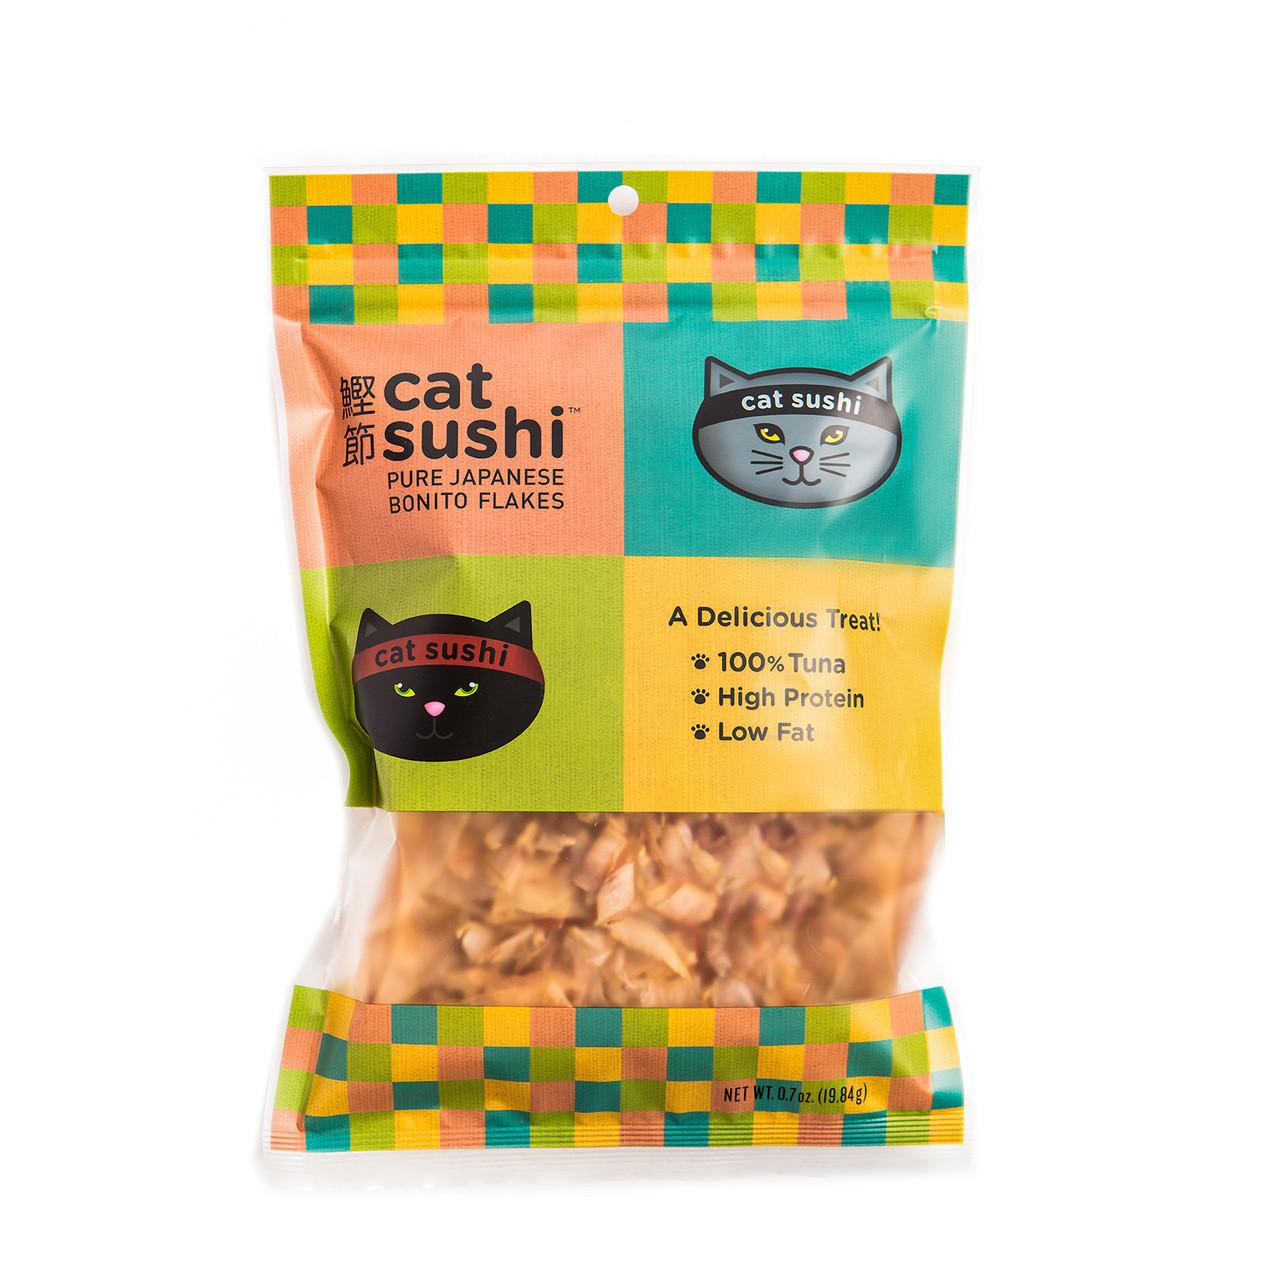 Presidio Natural Pet Cat Sushi Bonito Flakes - 0.7 oz.